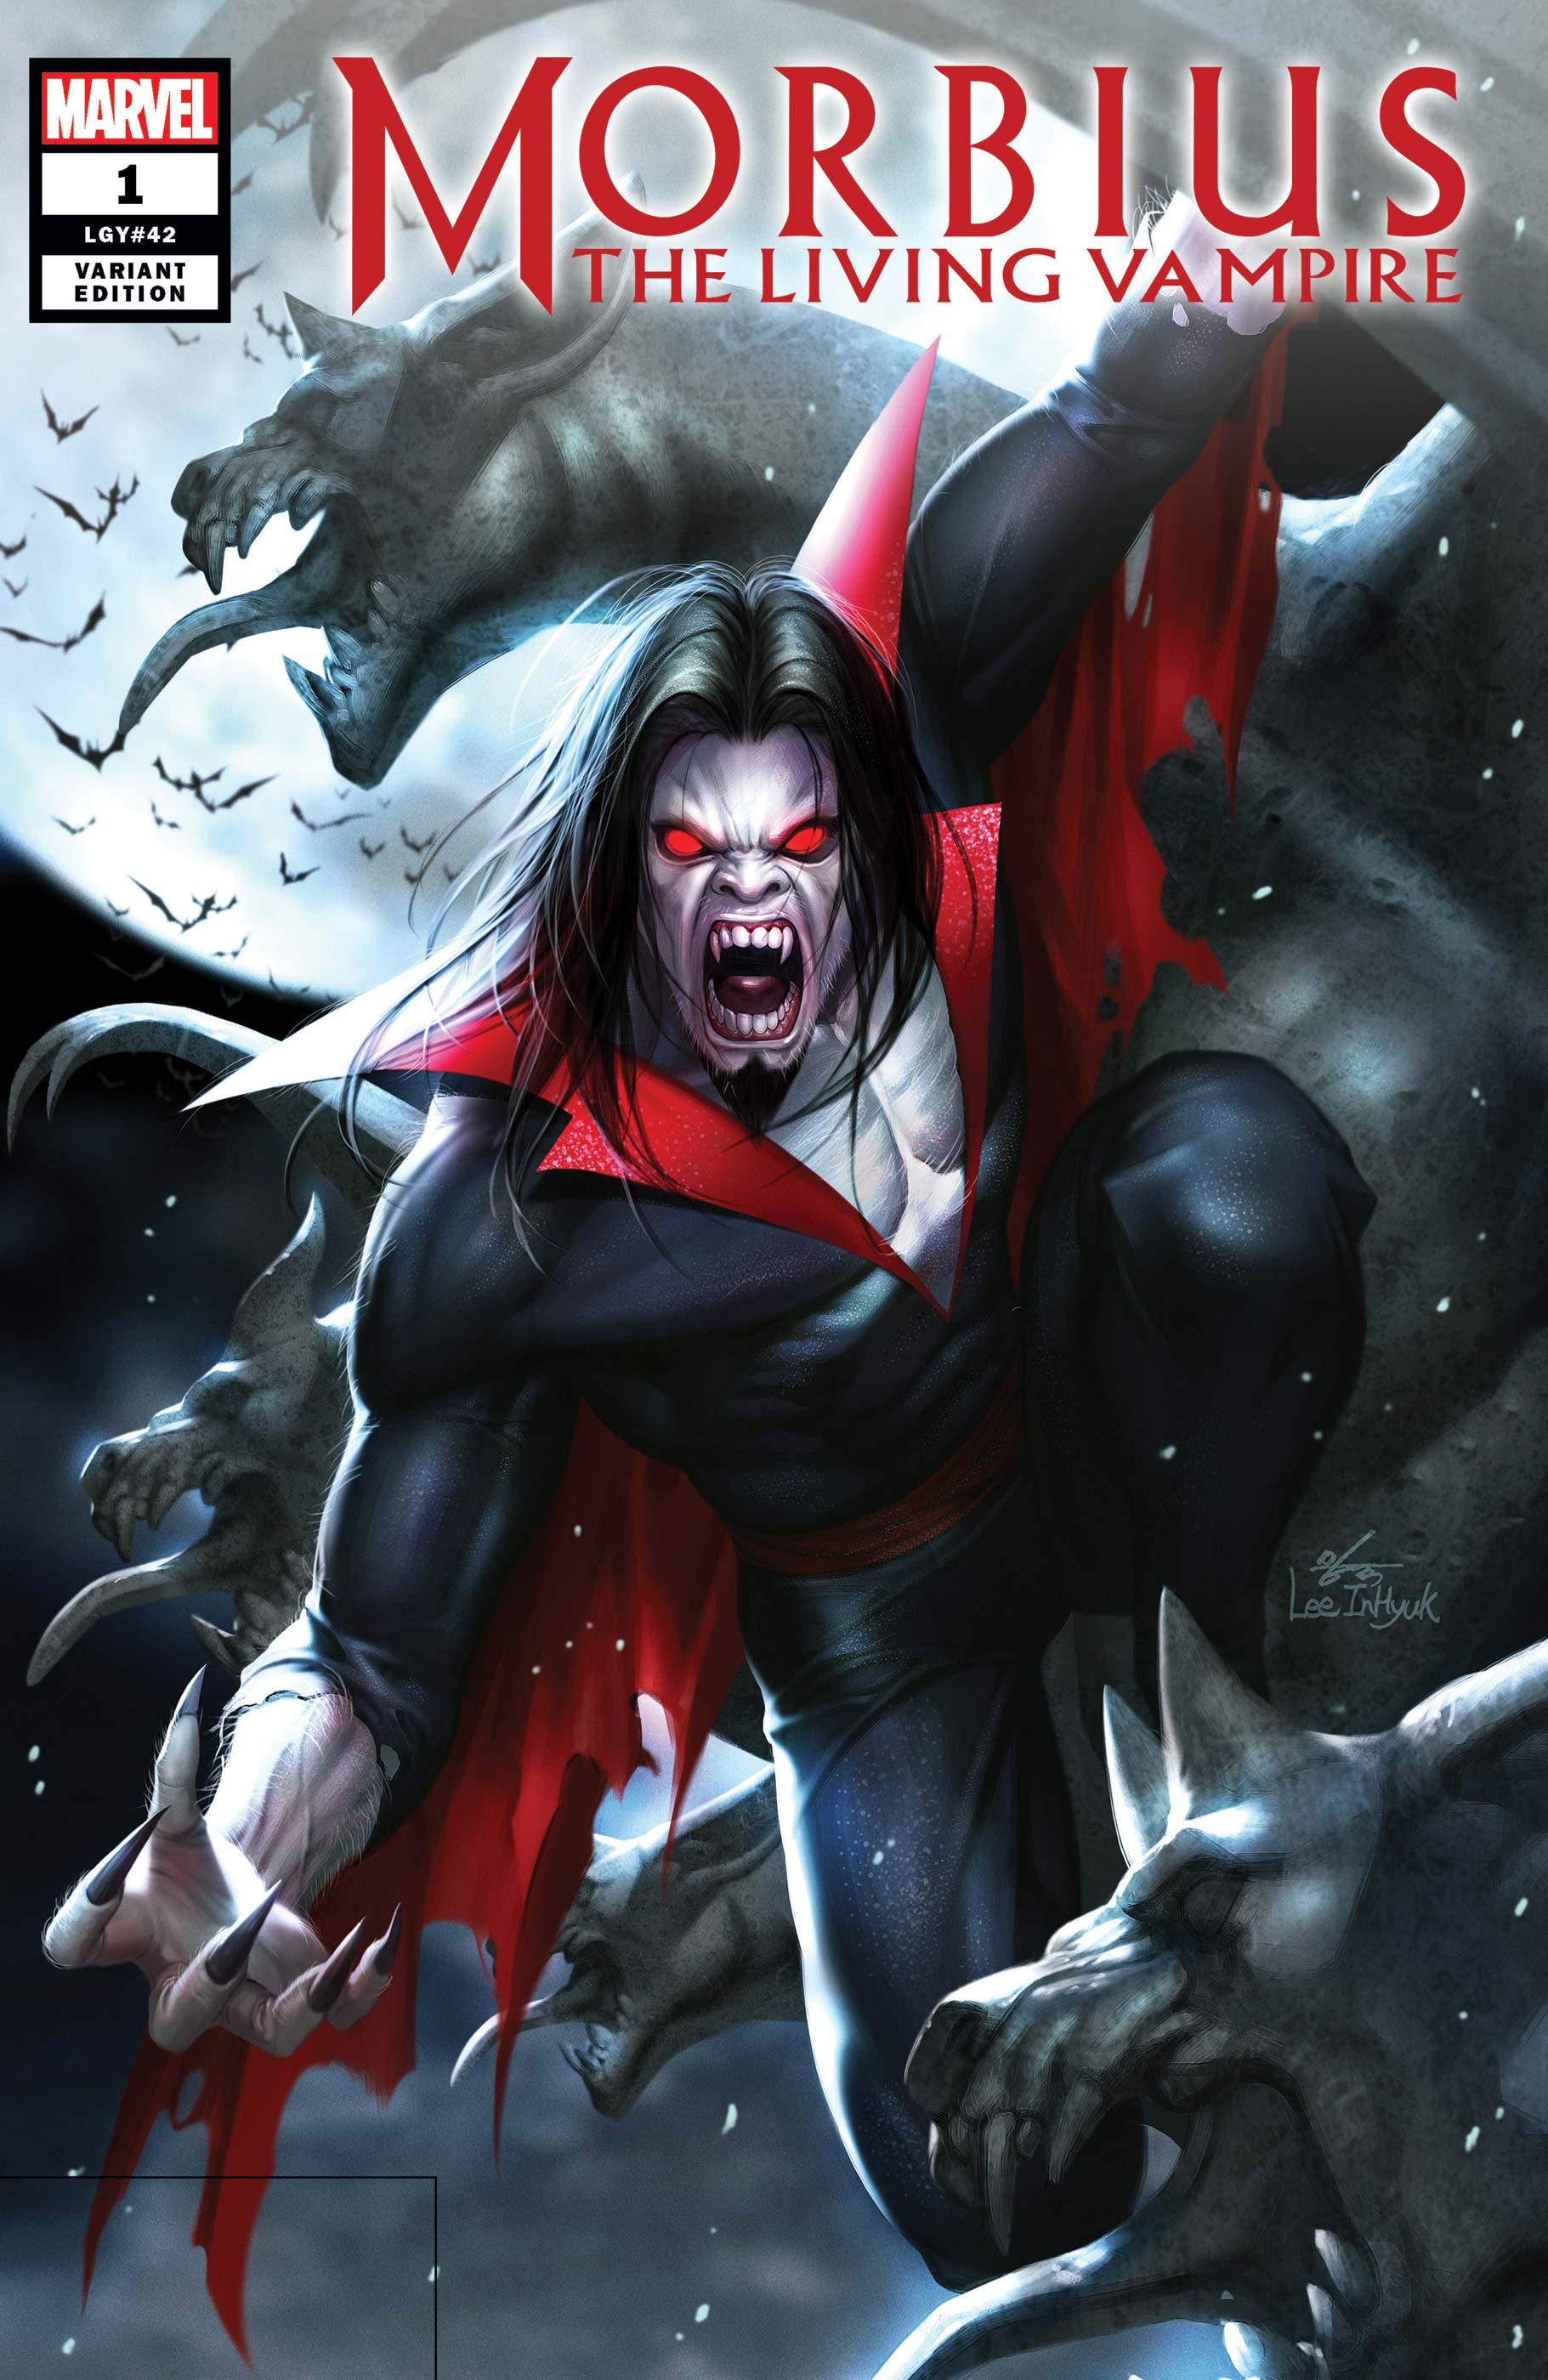 Morbius (2019) #1 (Variant)